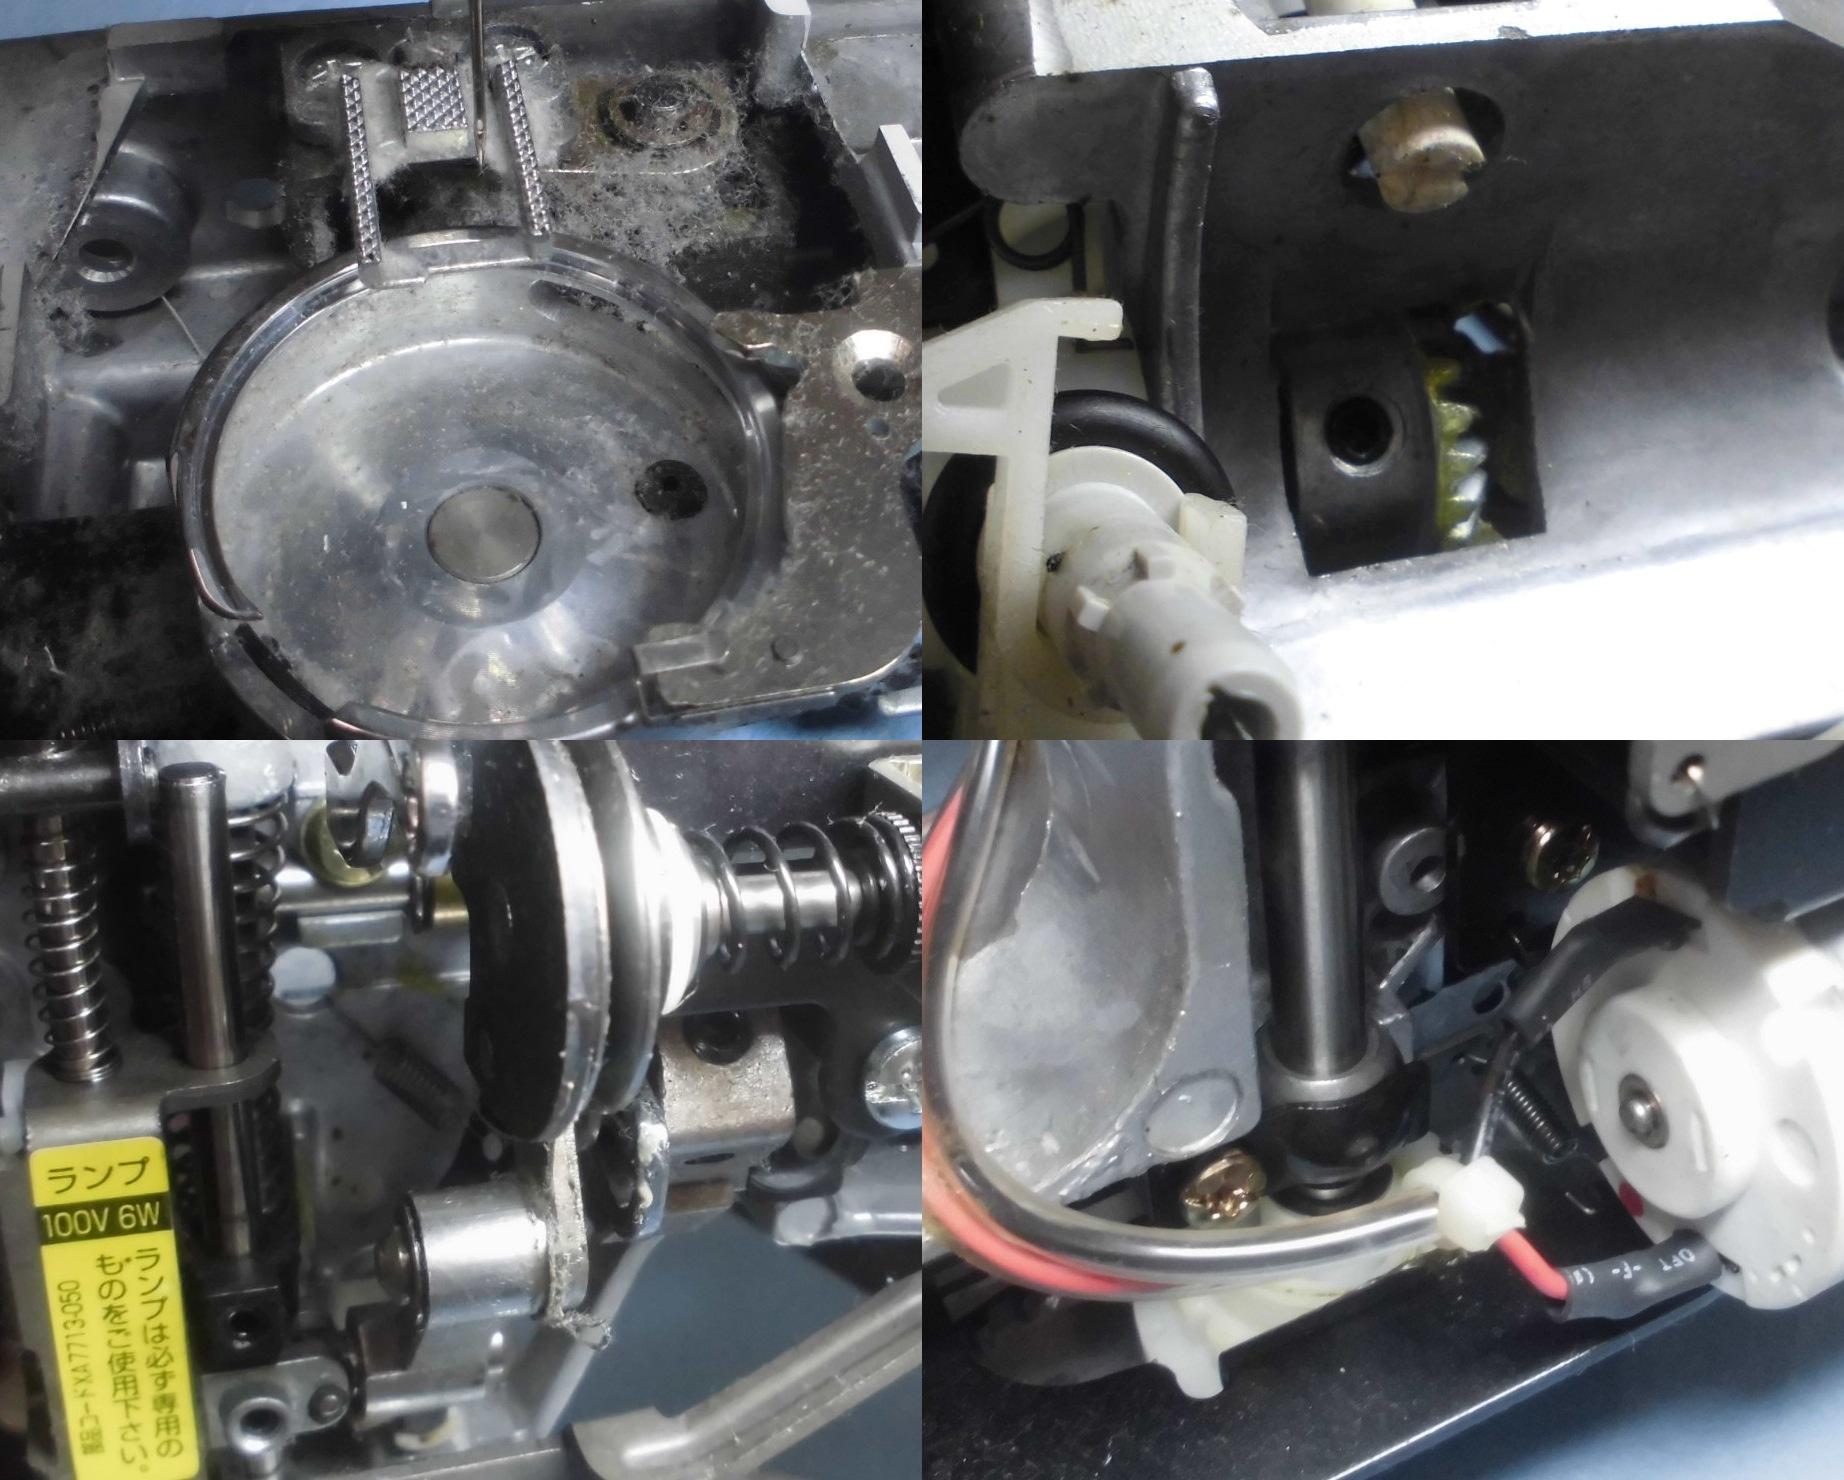 ブラザーミシンBY-100の故障や不具合|下糸を拾わない、縫えない、動かない、糸調子不良